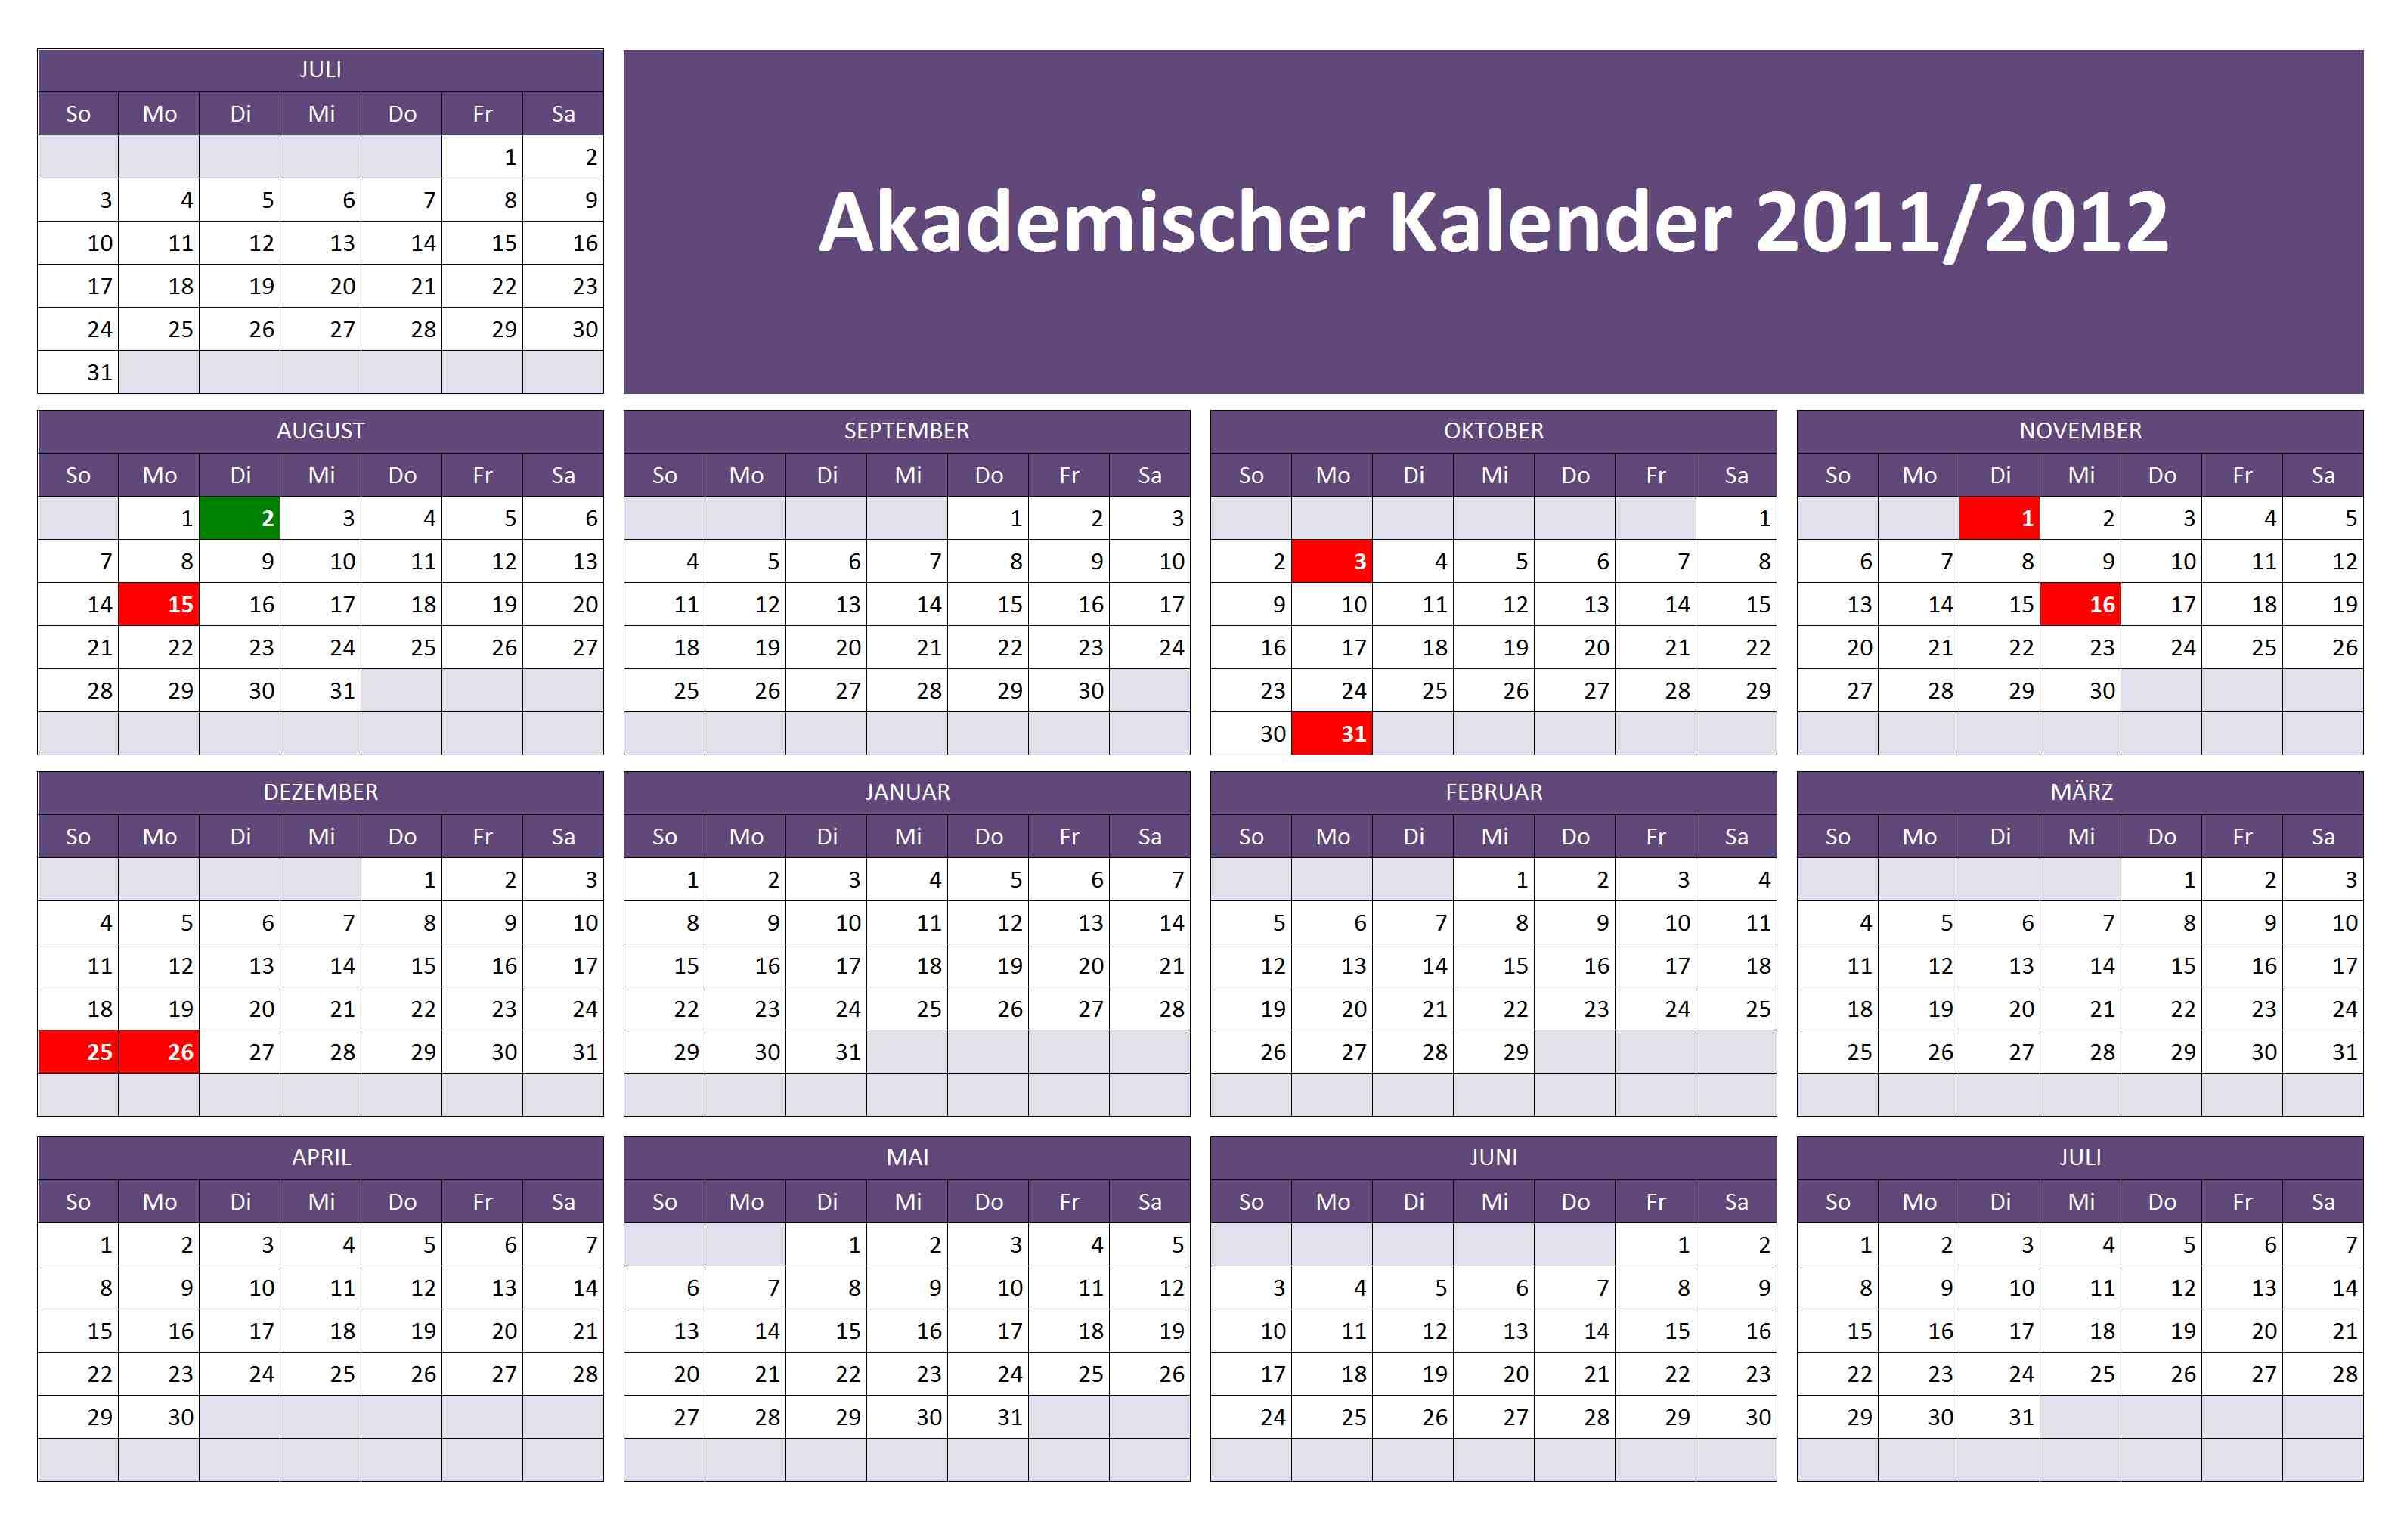 Akademischer-Kalender-2011-2012